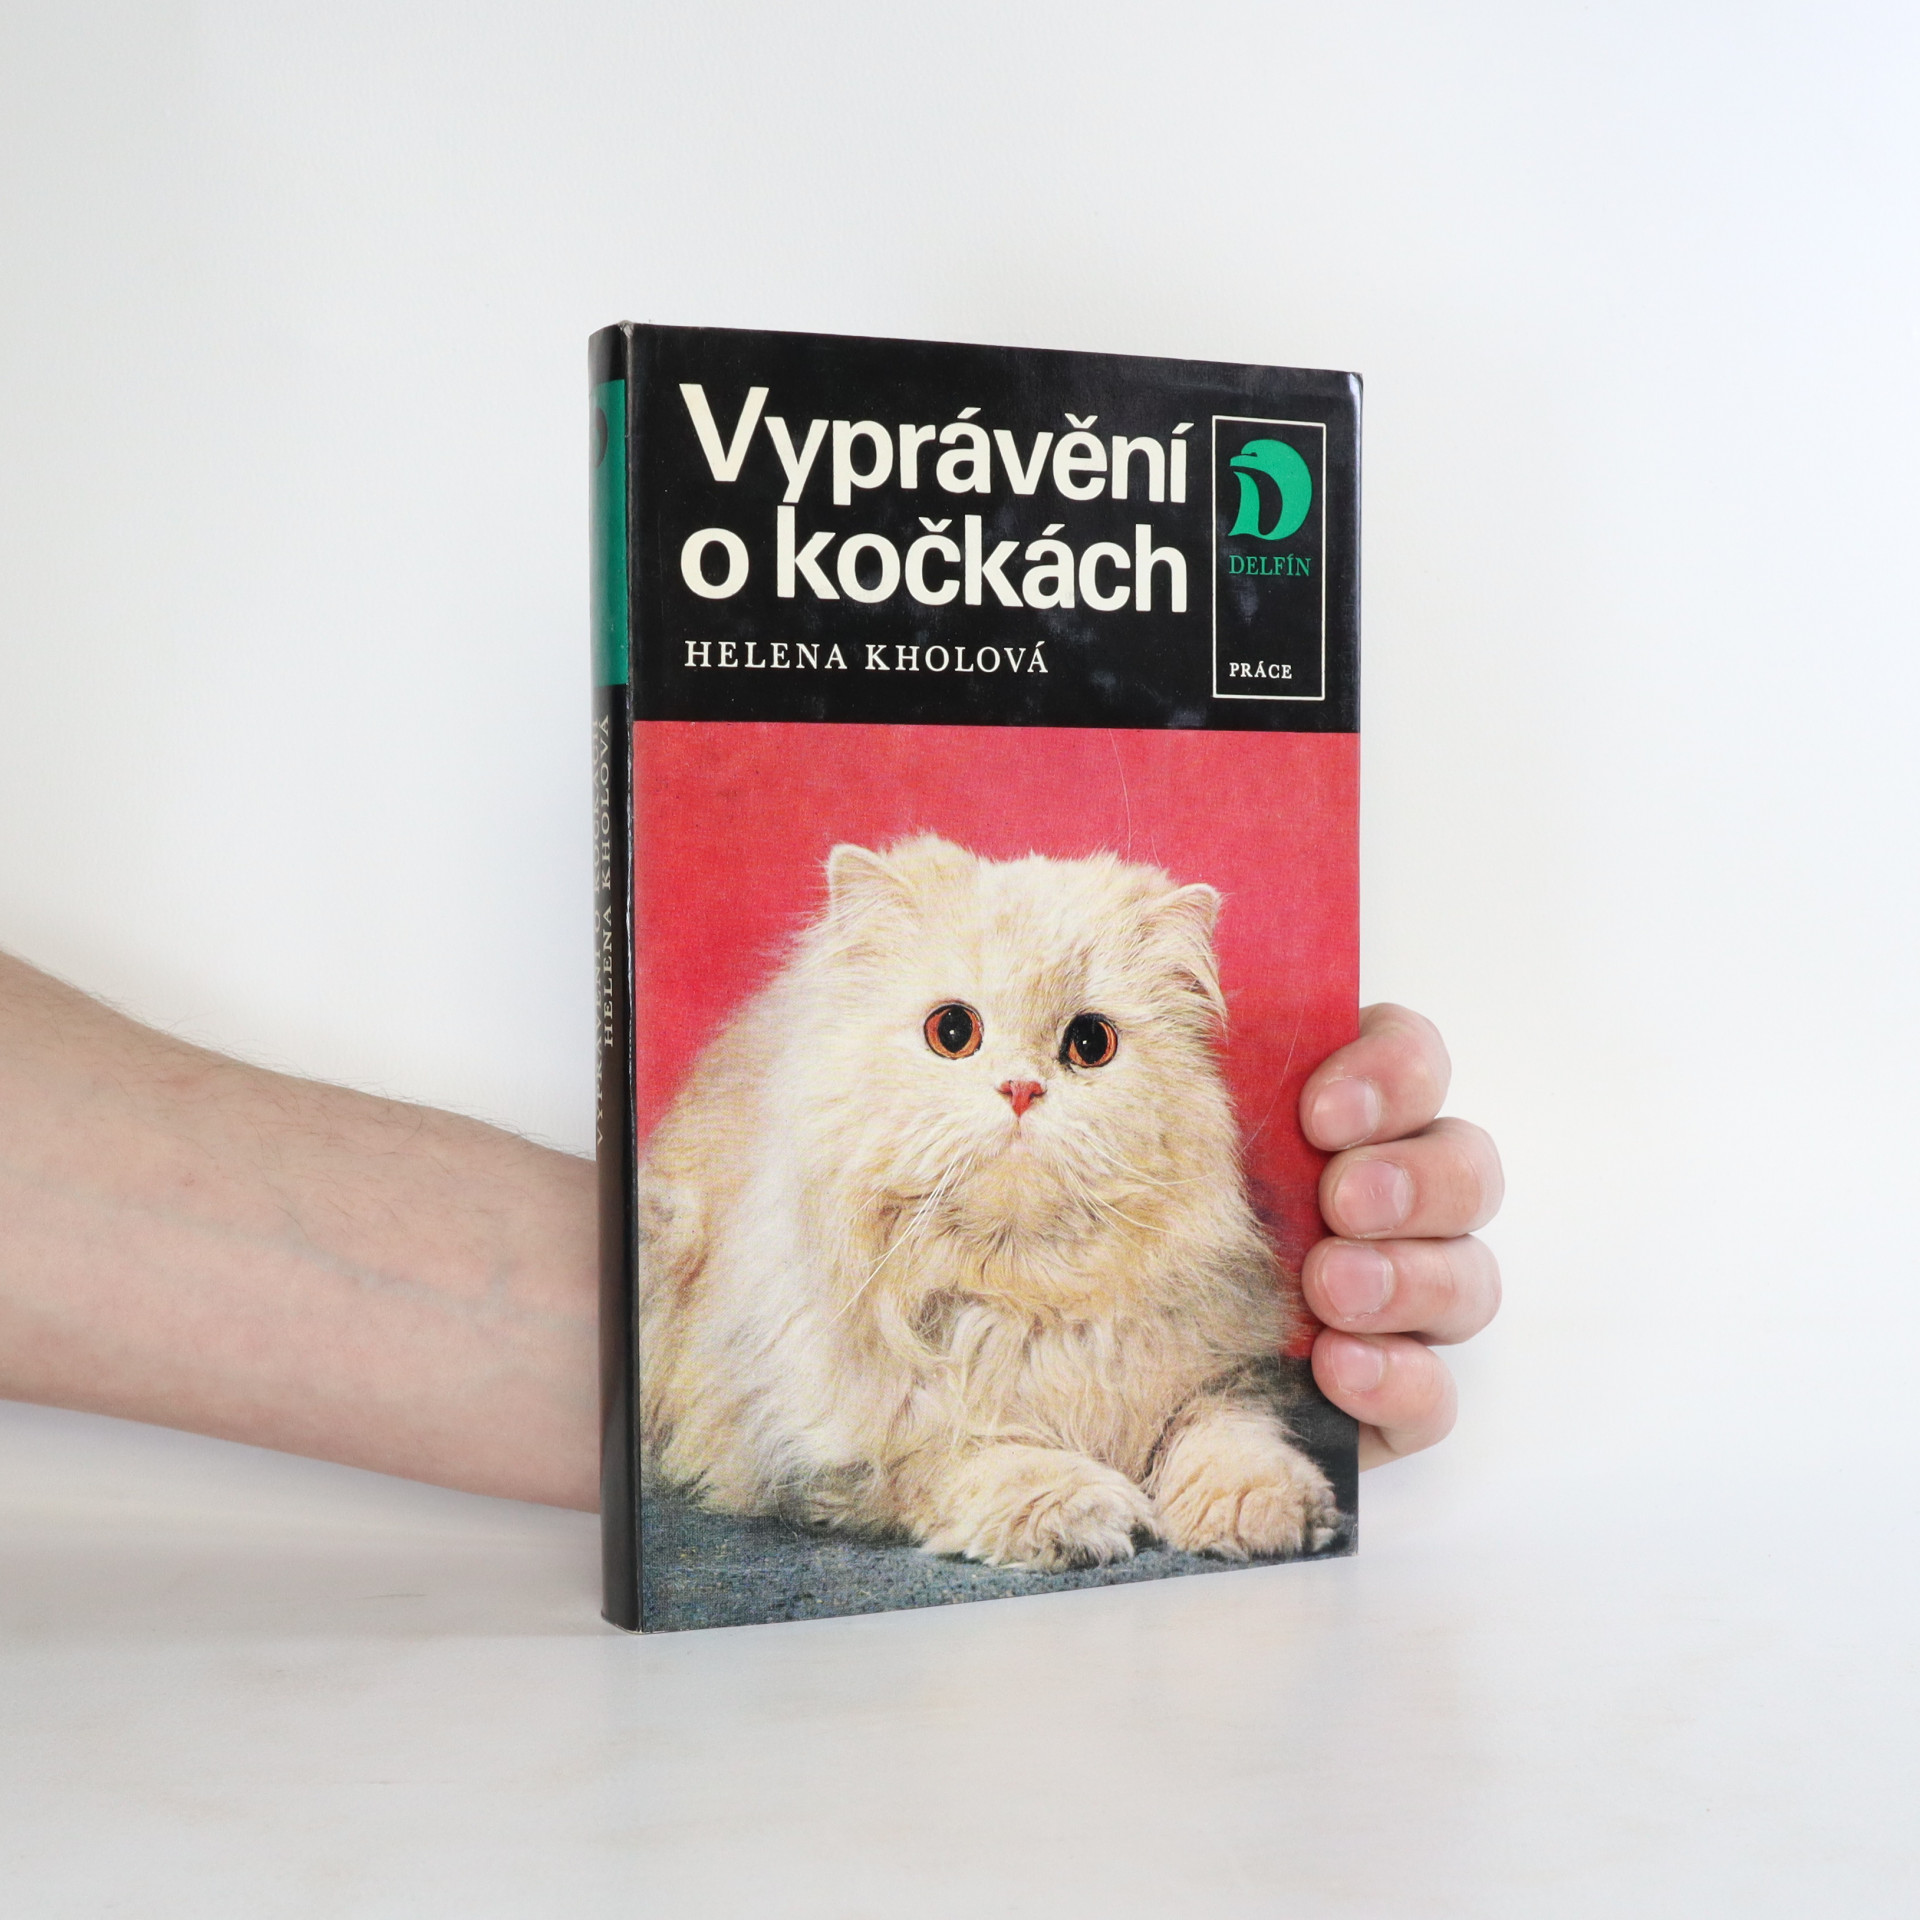 antikvární kniha Vyprávění o kočkách, 1975